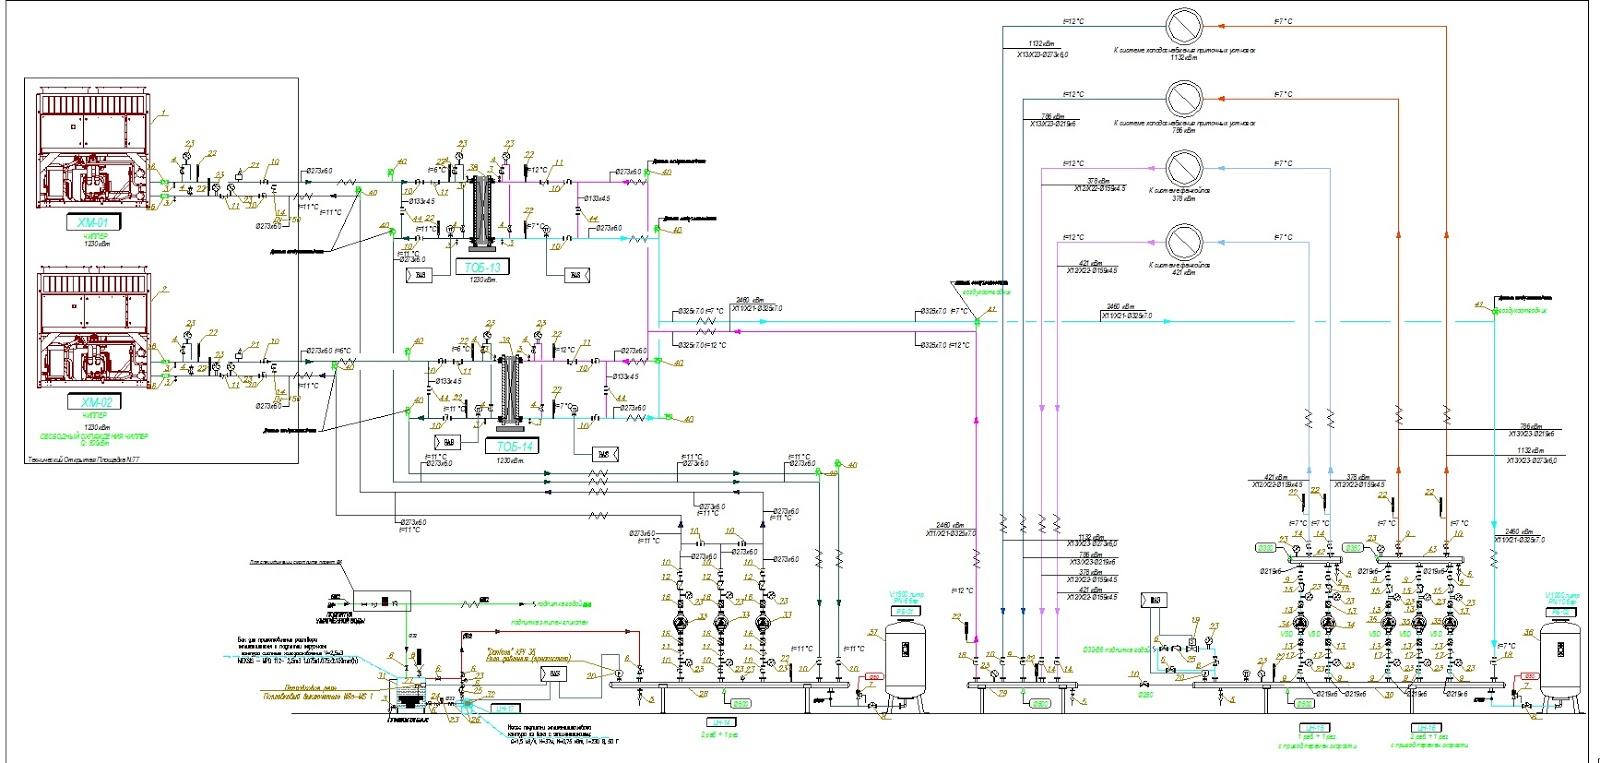 Revit MEP & MagiCAD Revit : Revit MEP Cooling Plant